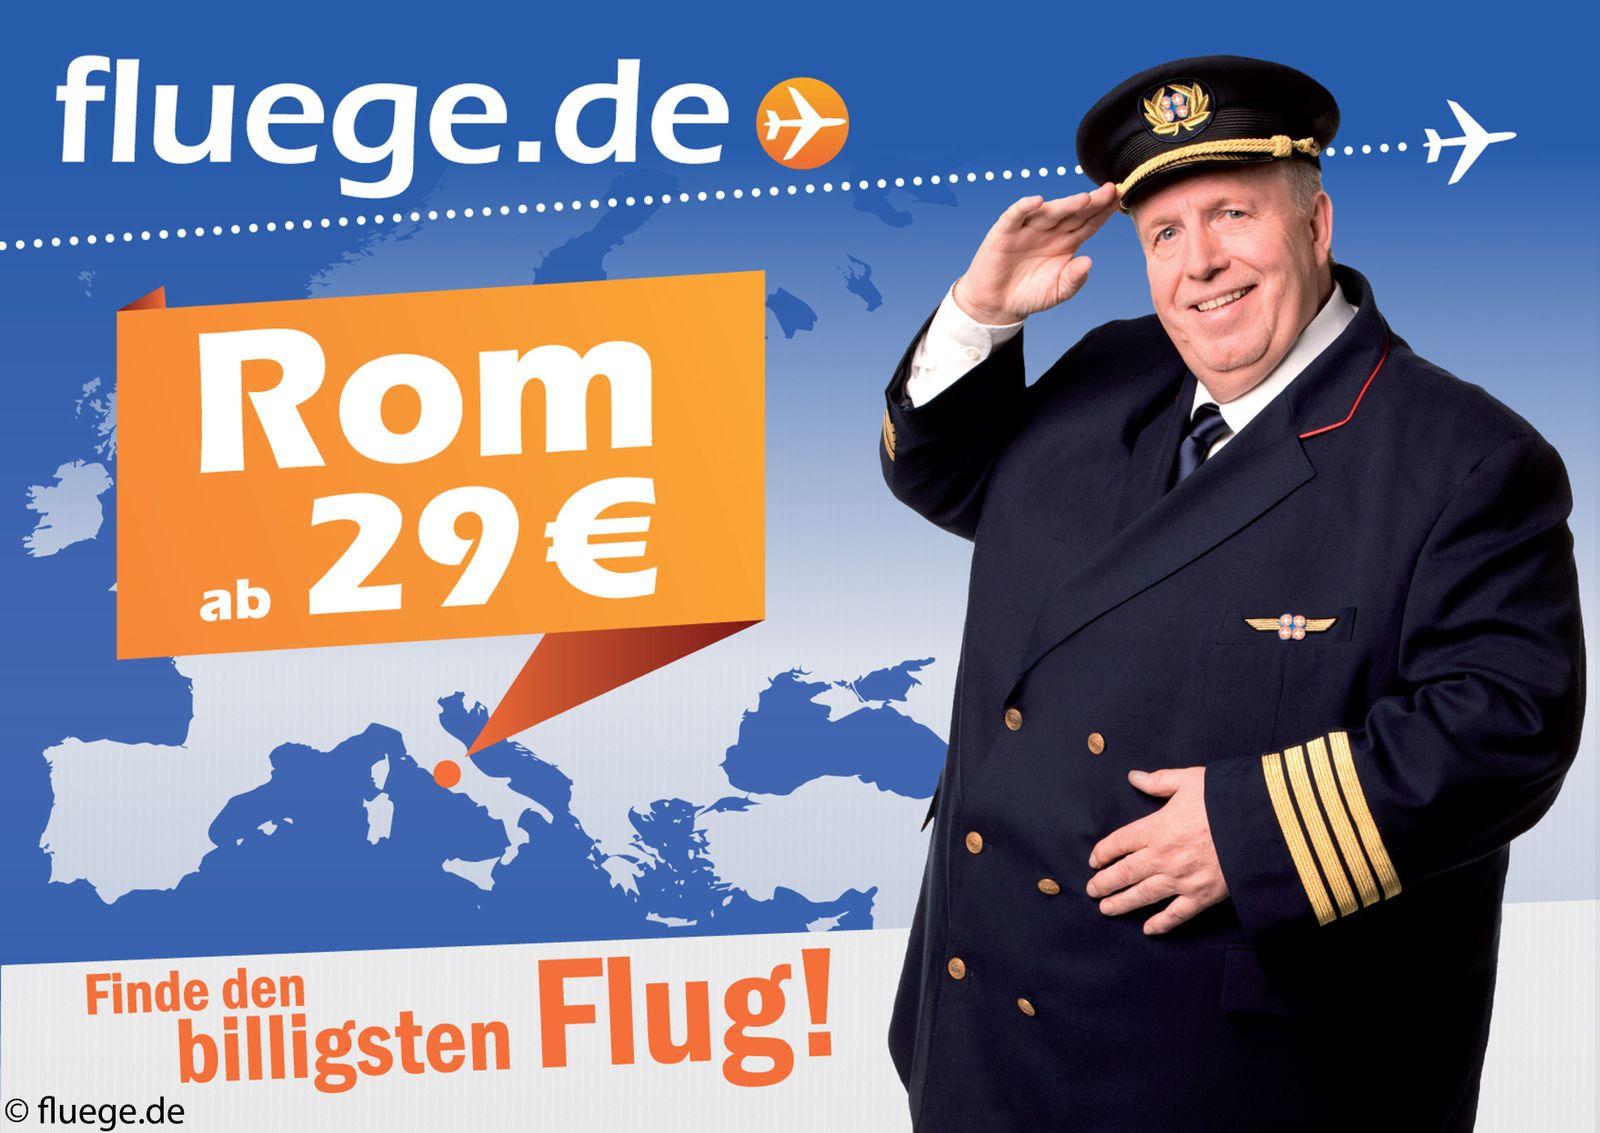 fluege.de Werbung mit Calmund, Reiner